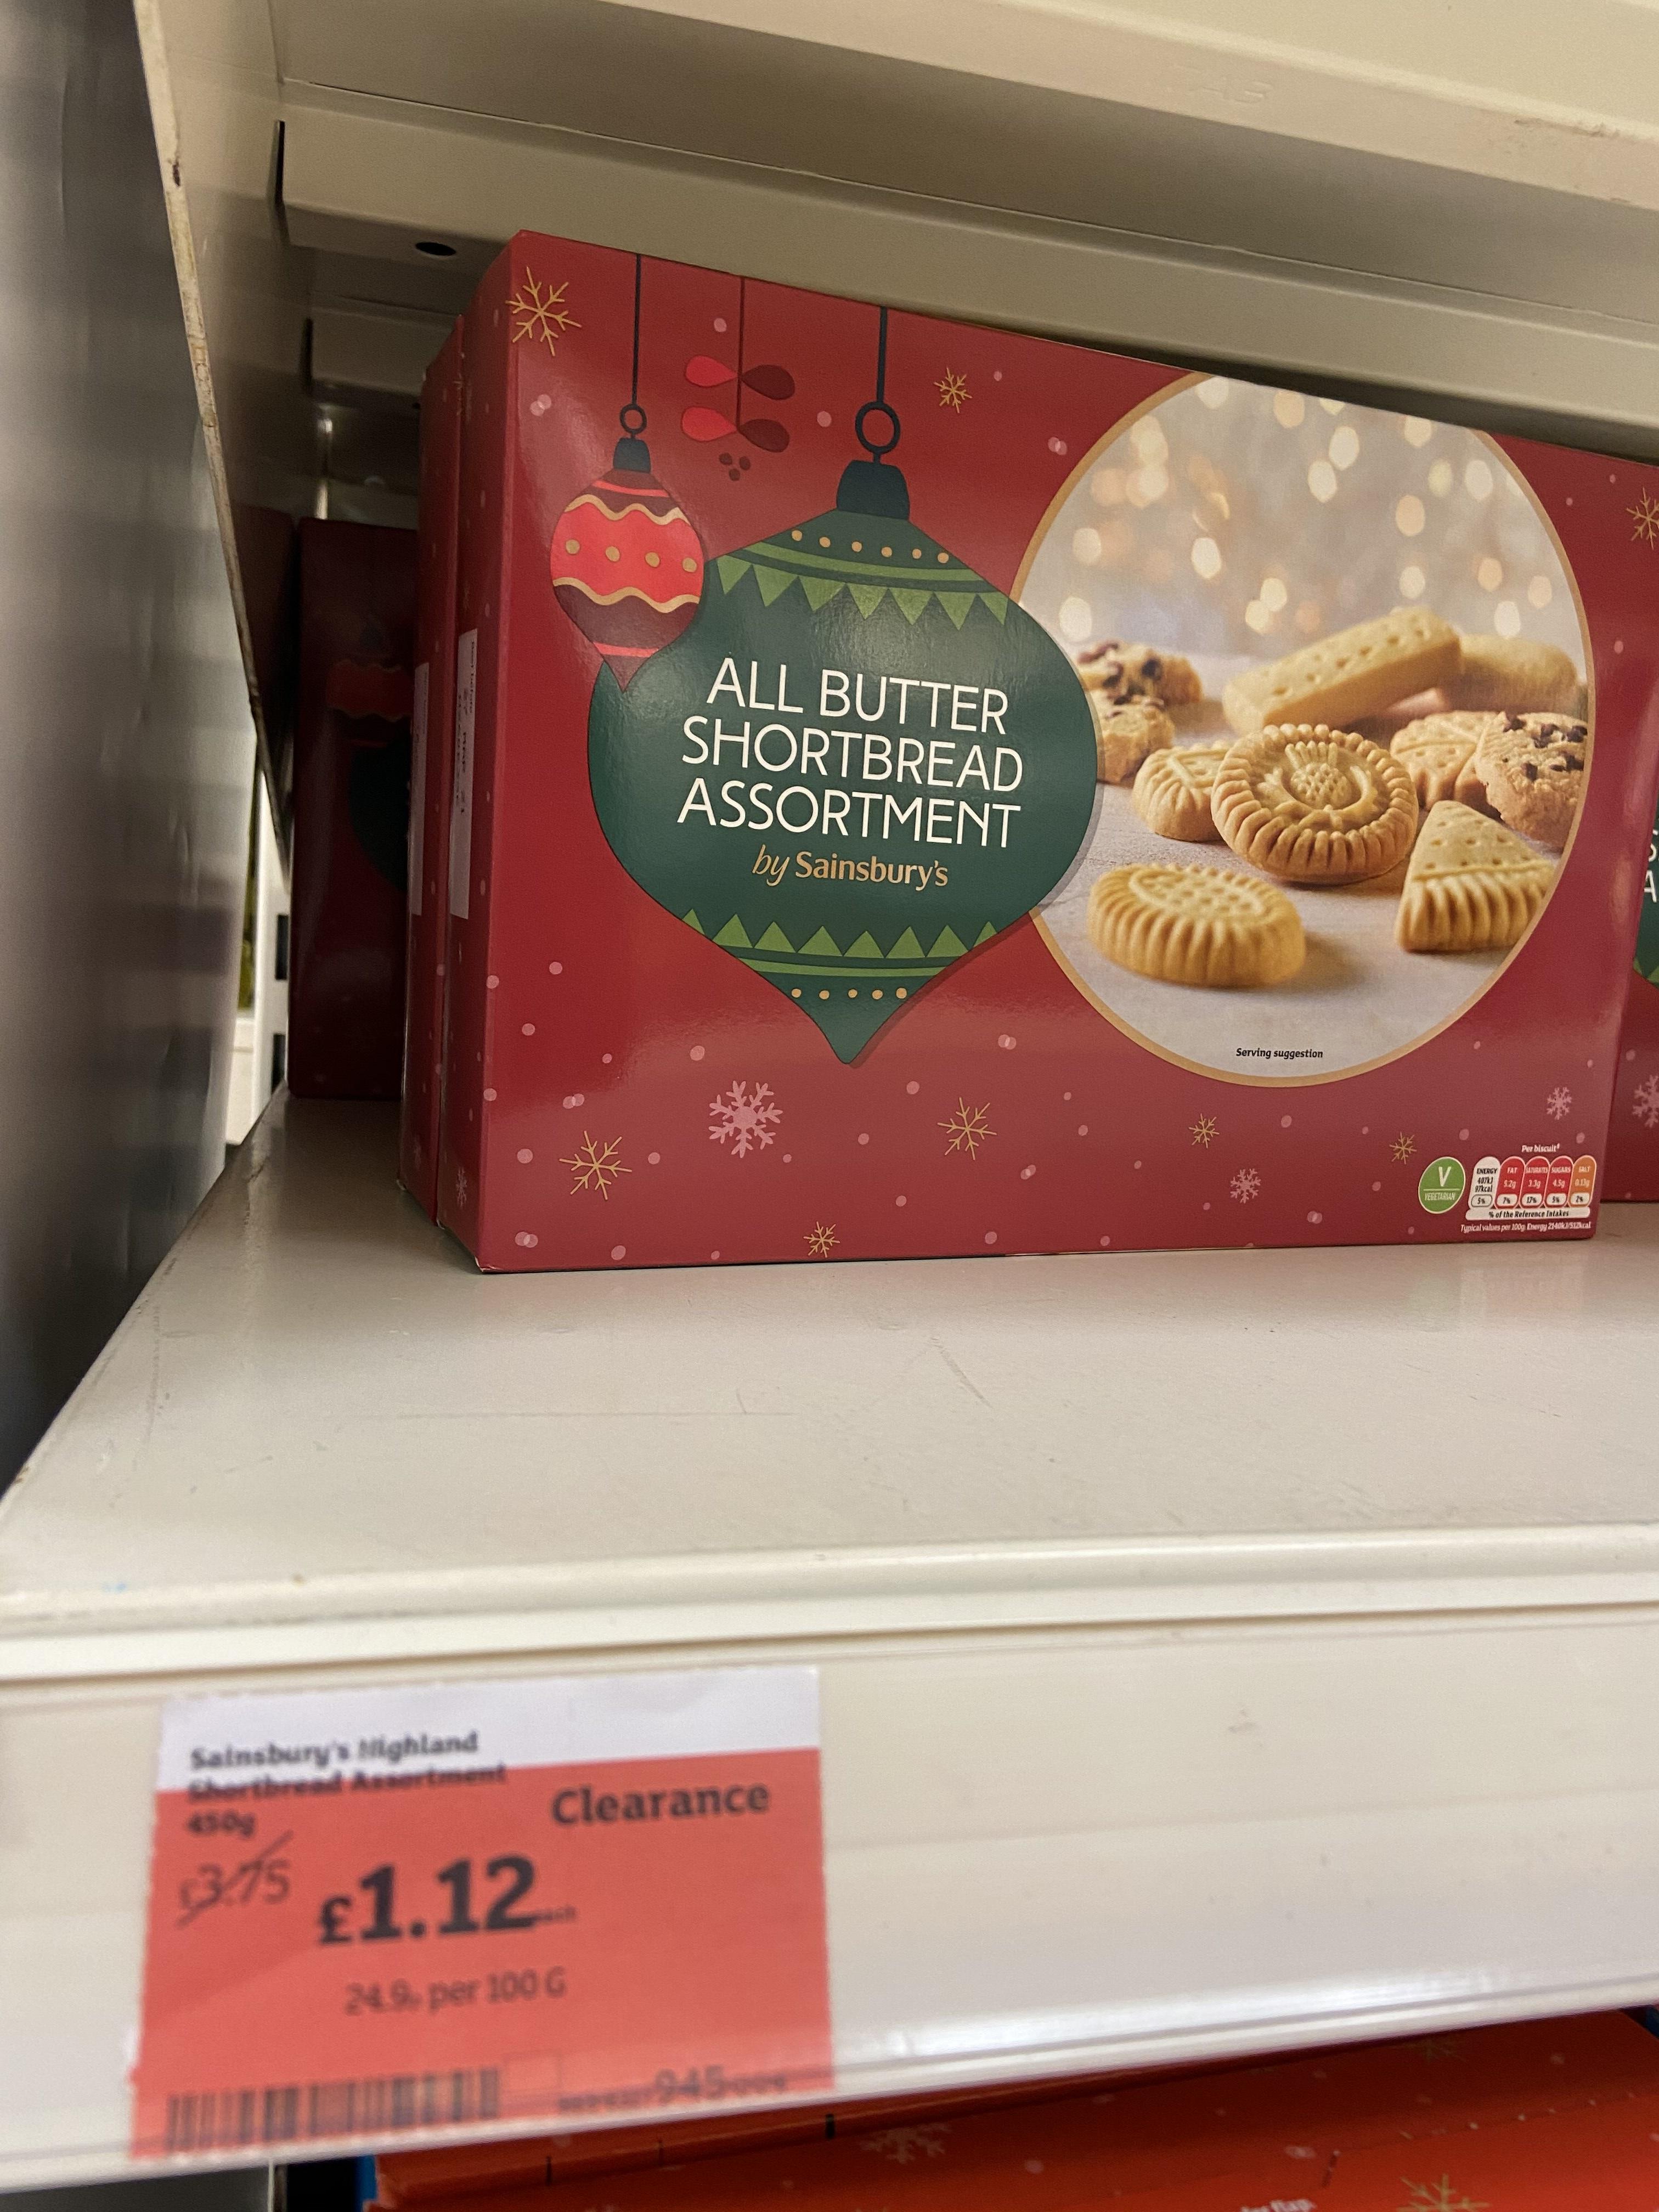 450g All Butter Shortbread Assortment £1.12 at Sainsbury's Kirkcaldy